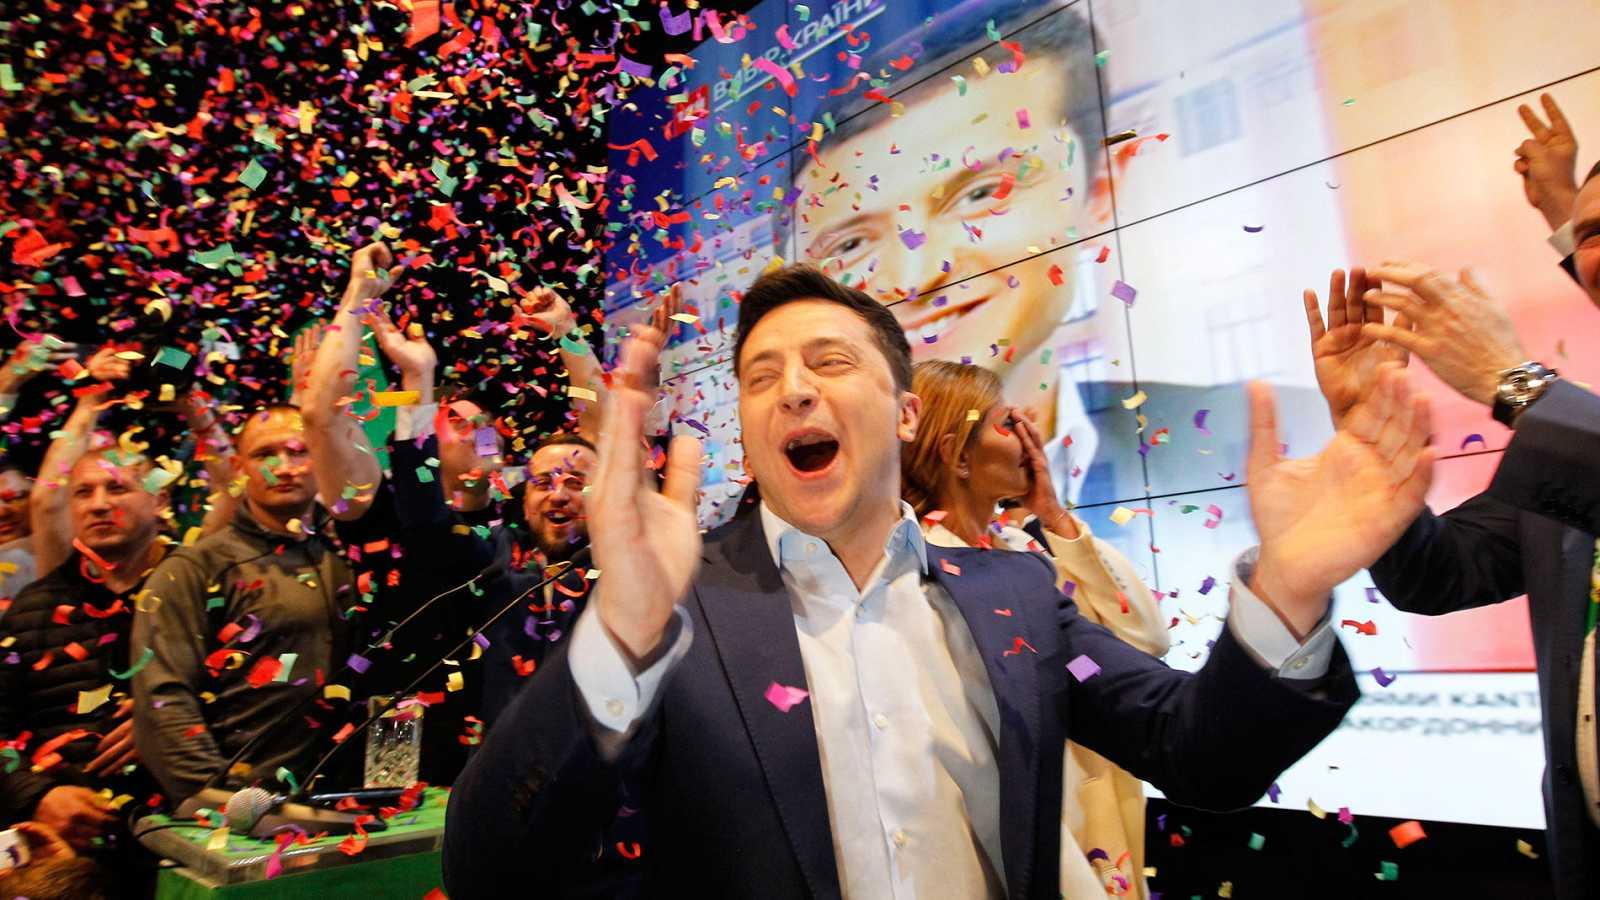 El cómico Zelenski arrasa en las elecciones presidenciales en Ucrania, según los sondeos a pie de urna - Ver ahora